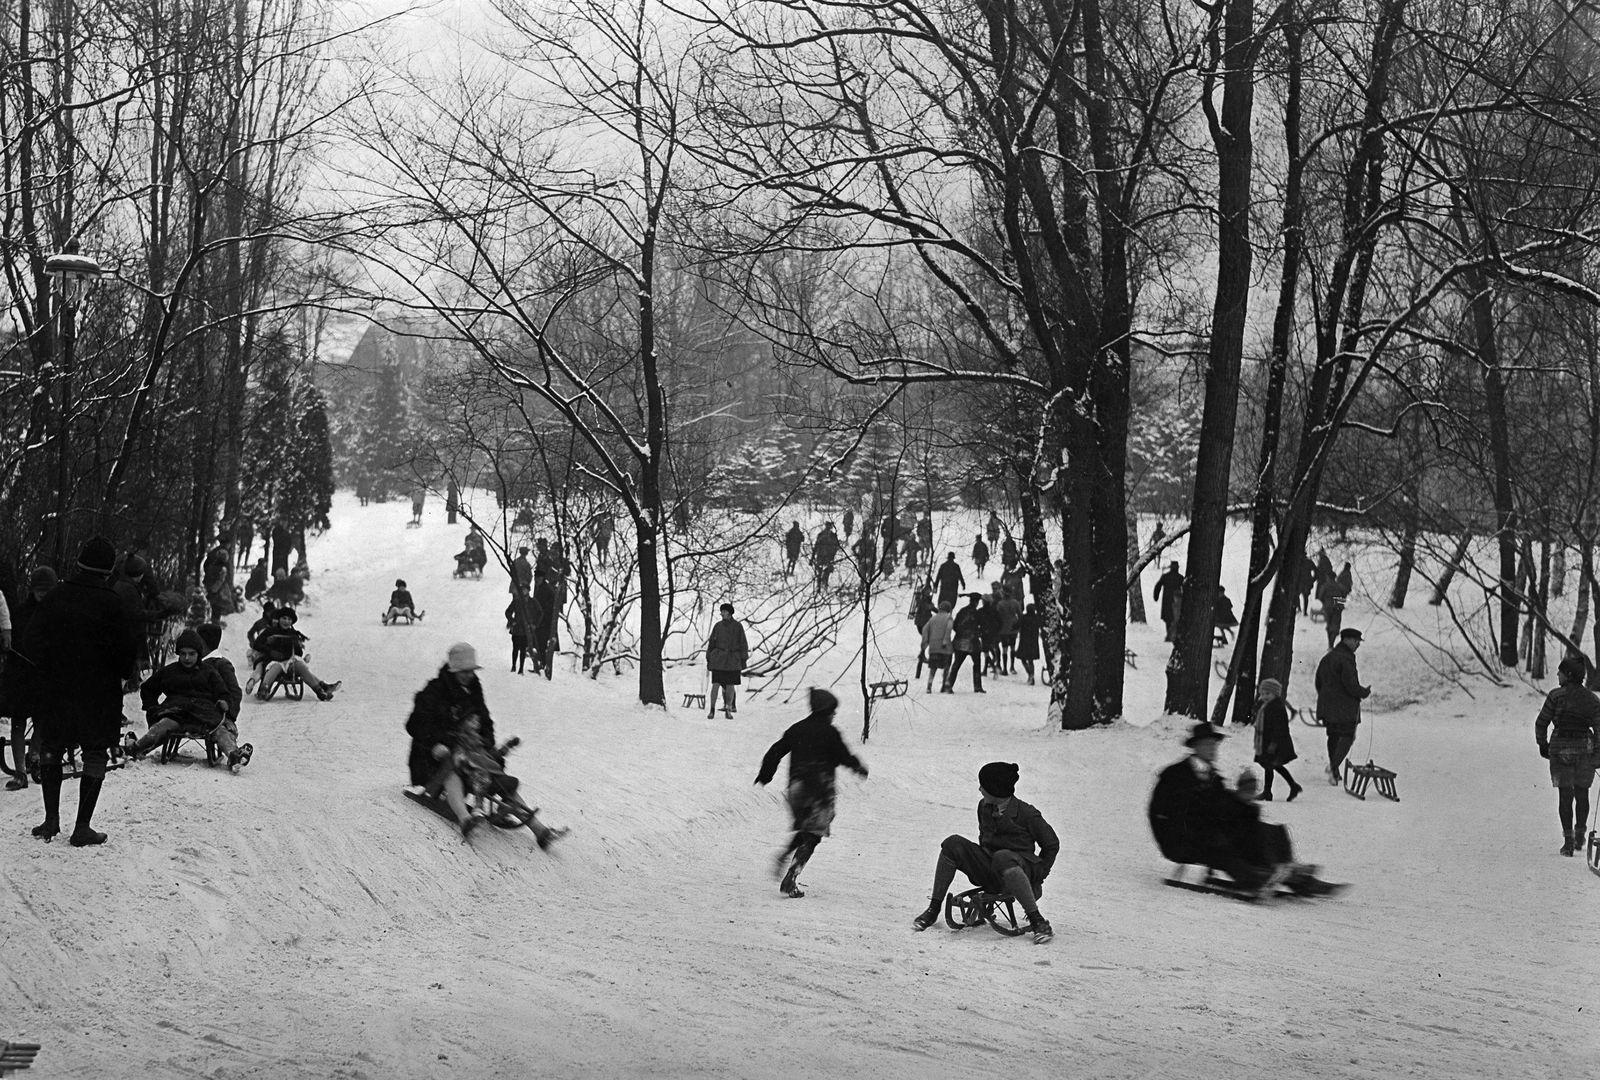 Wintersport im Stadtpark Berlin Steglitz: Eltern und Kinder beim Rodeln, 1929 © bpk / Kunstbibliothek, SMB / Willy Römer